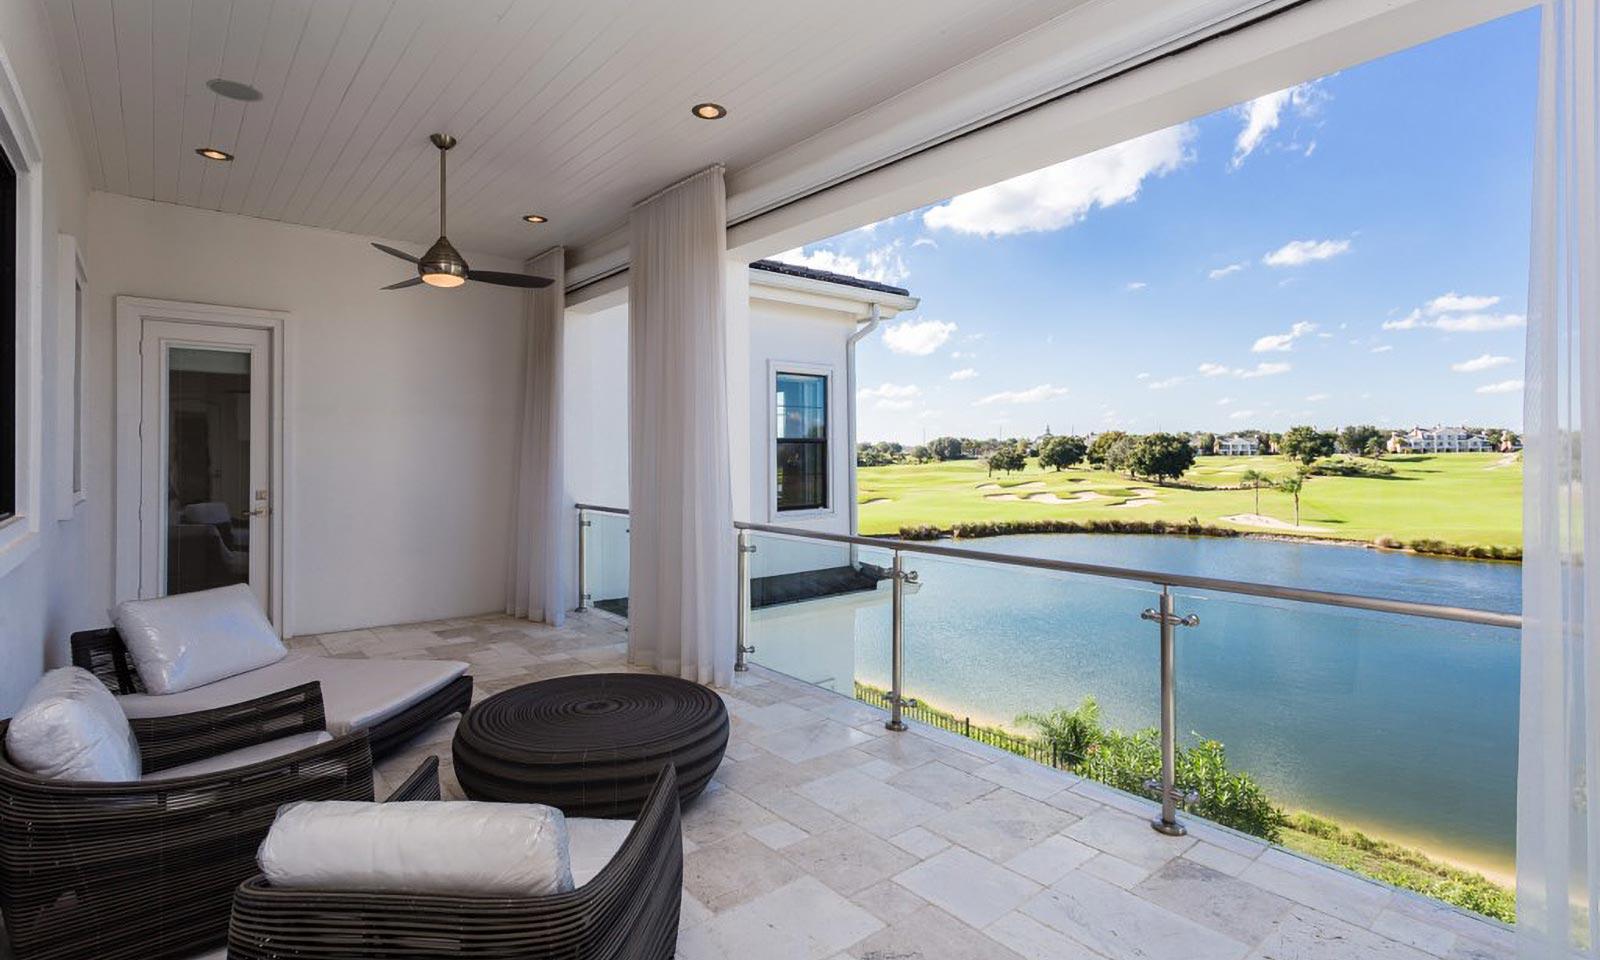 [amenities:Water-Views:2] Water Views